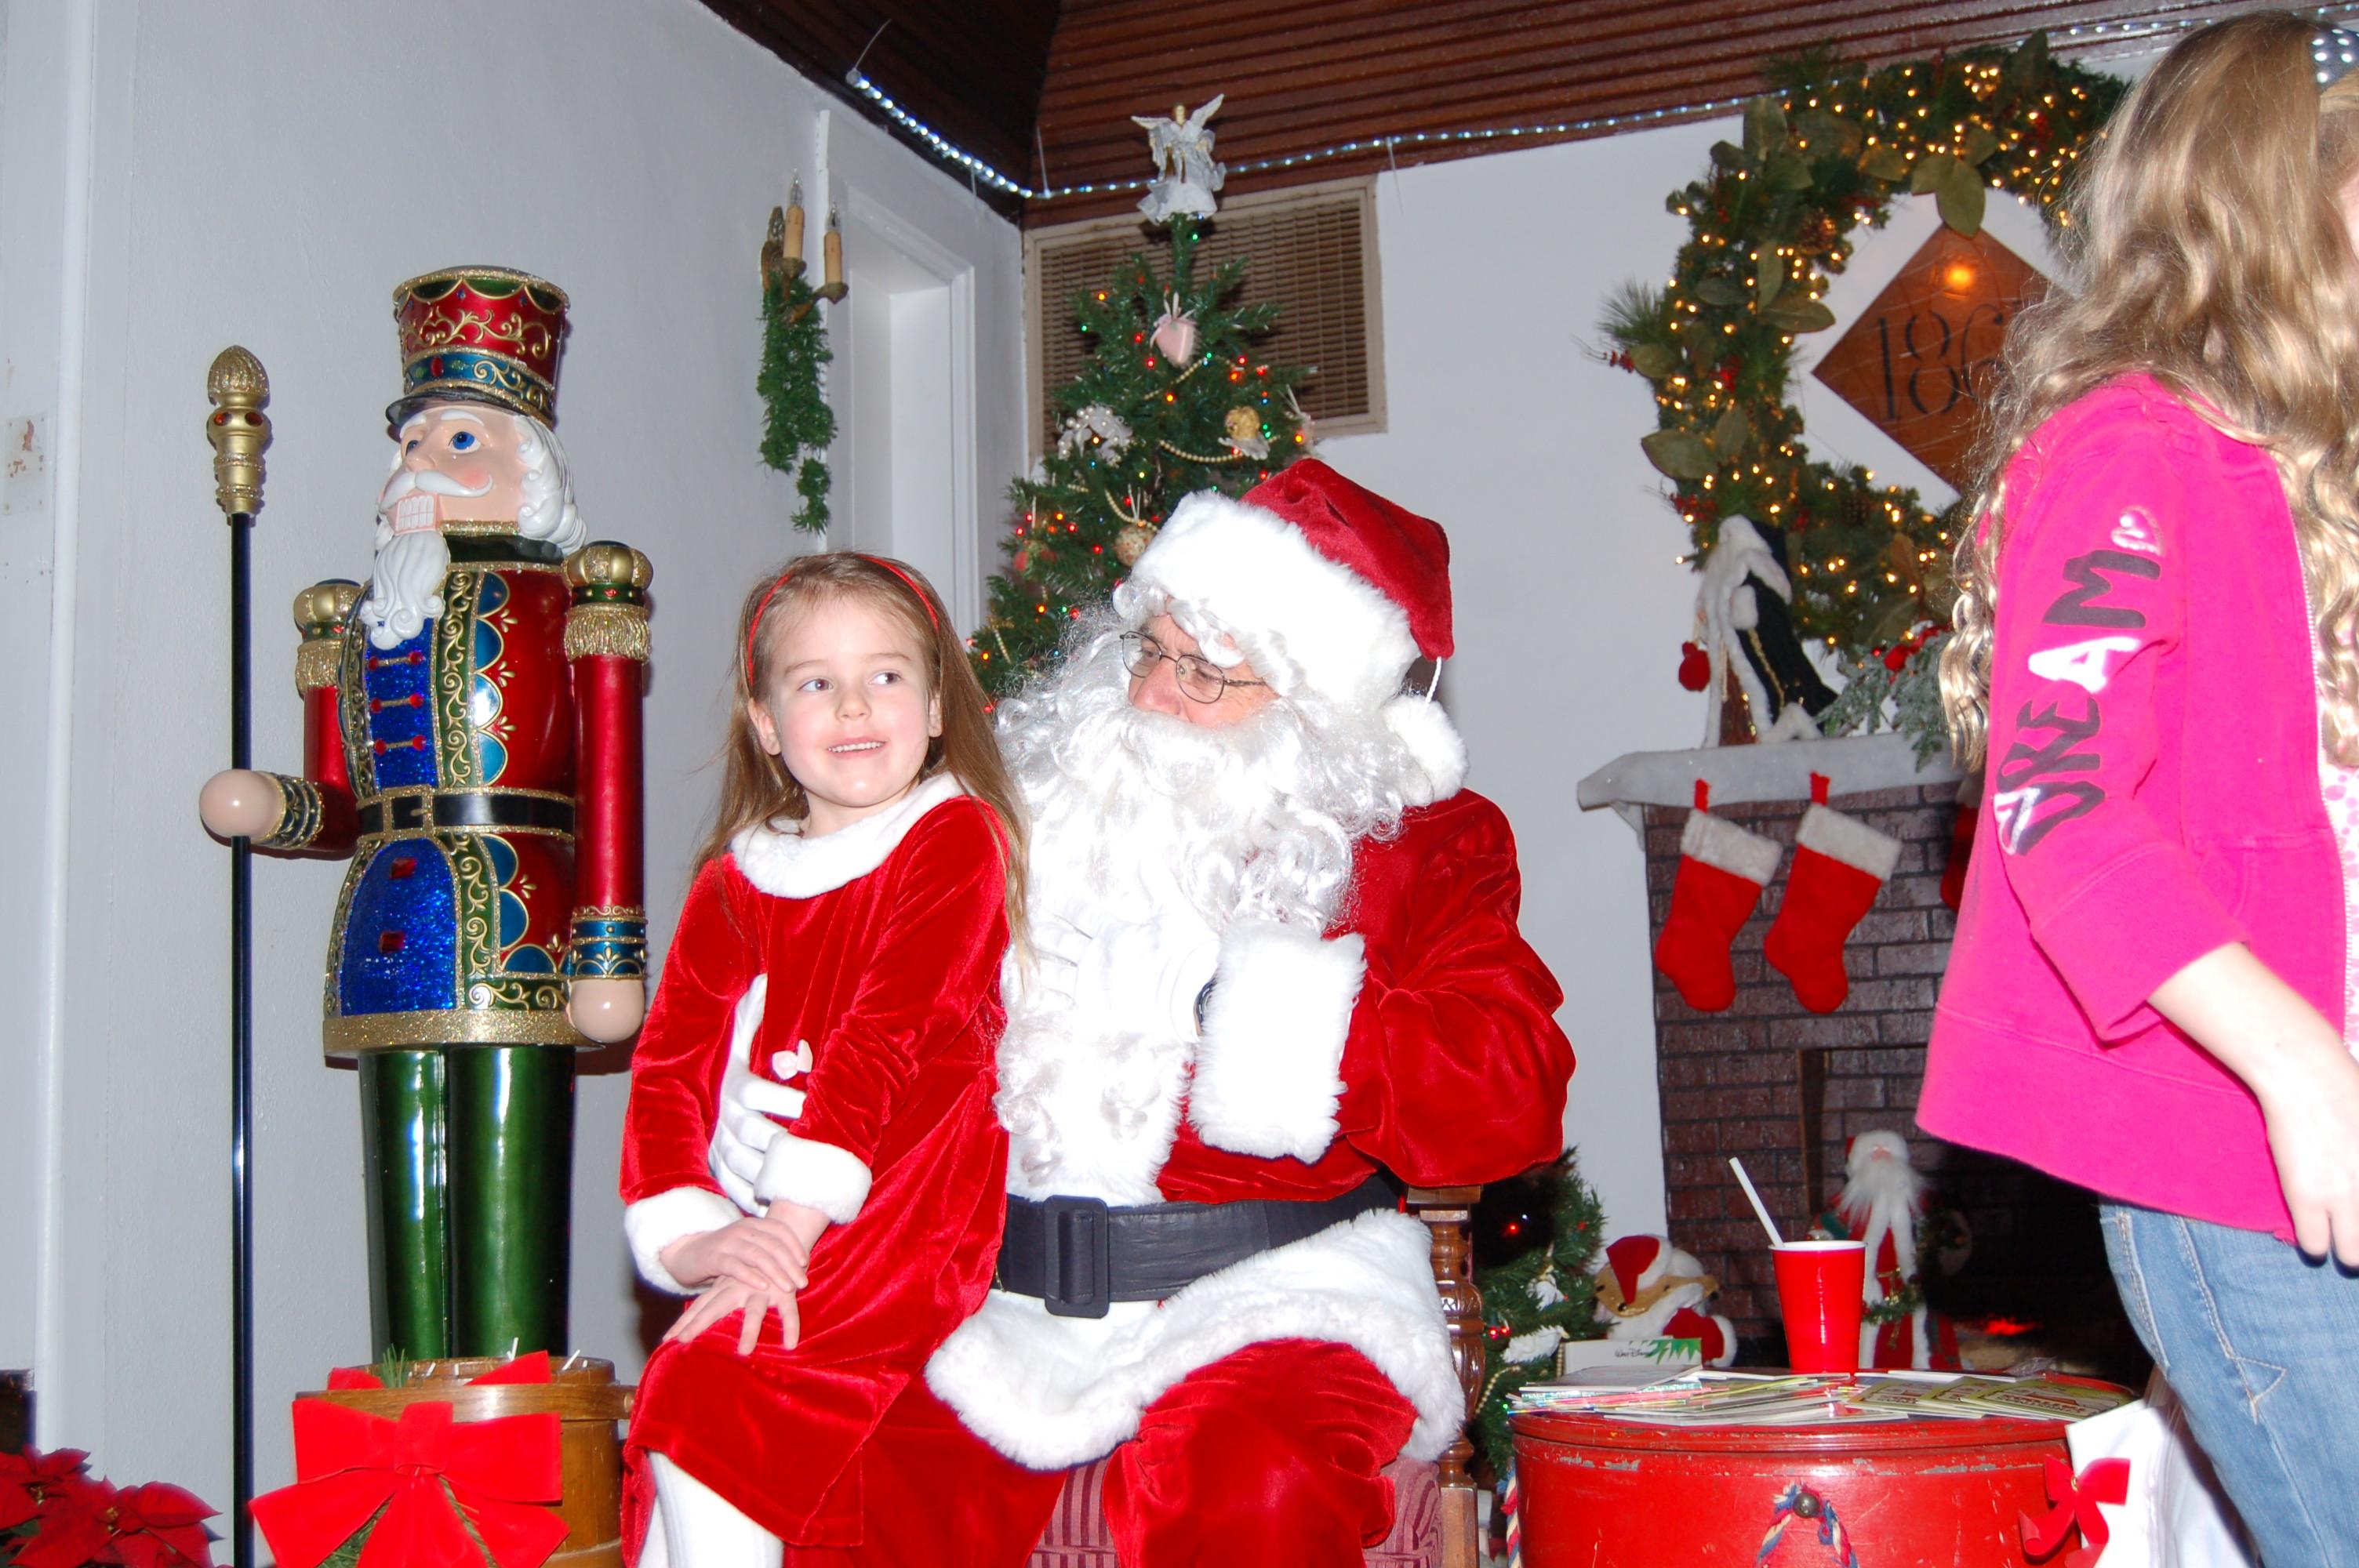 LolliPop+Lane+12-12-2008+Picture+024.jpg